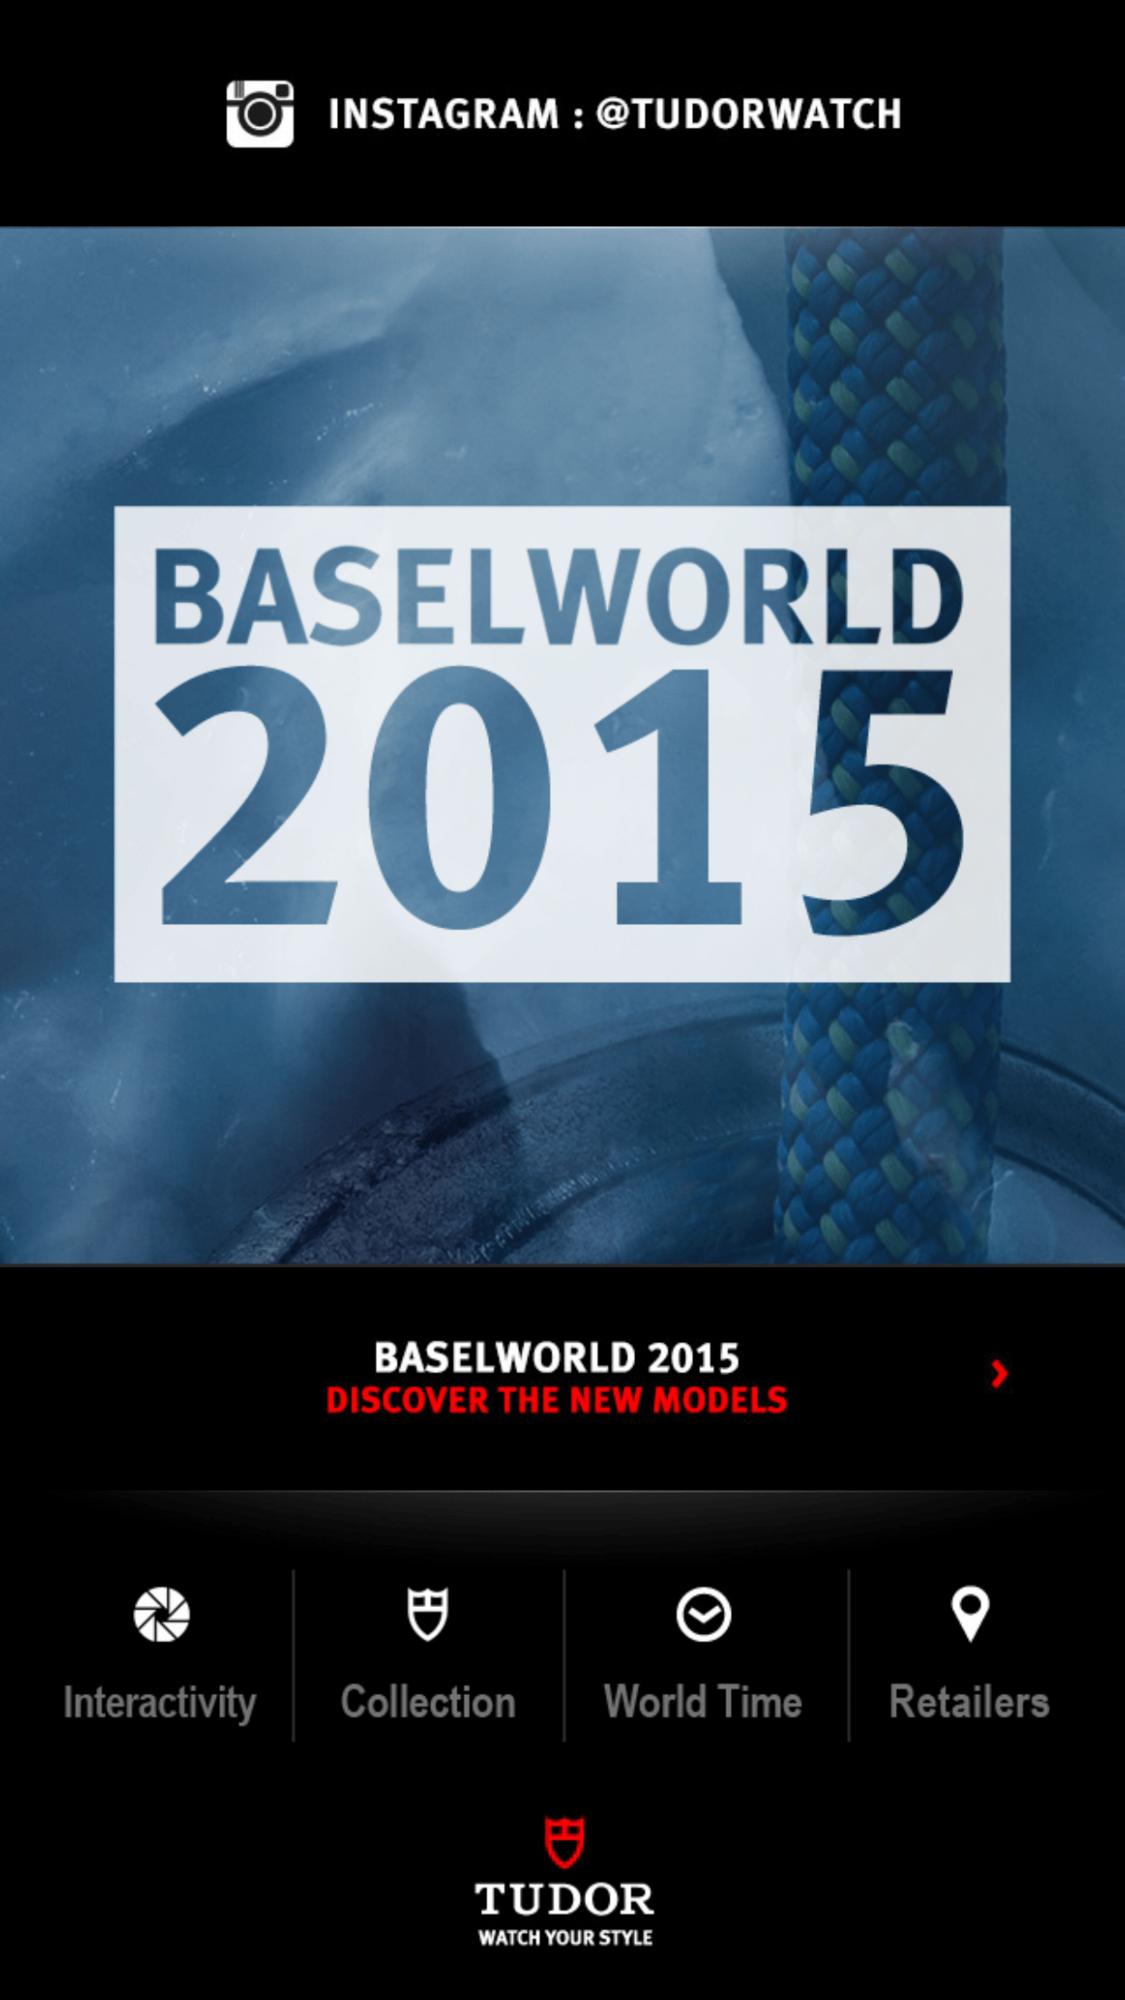 Tudor - Baselworld 2015